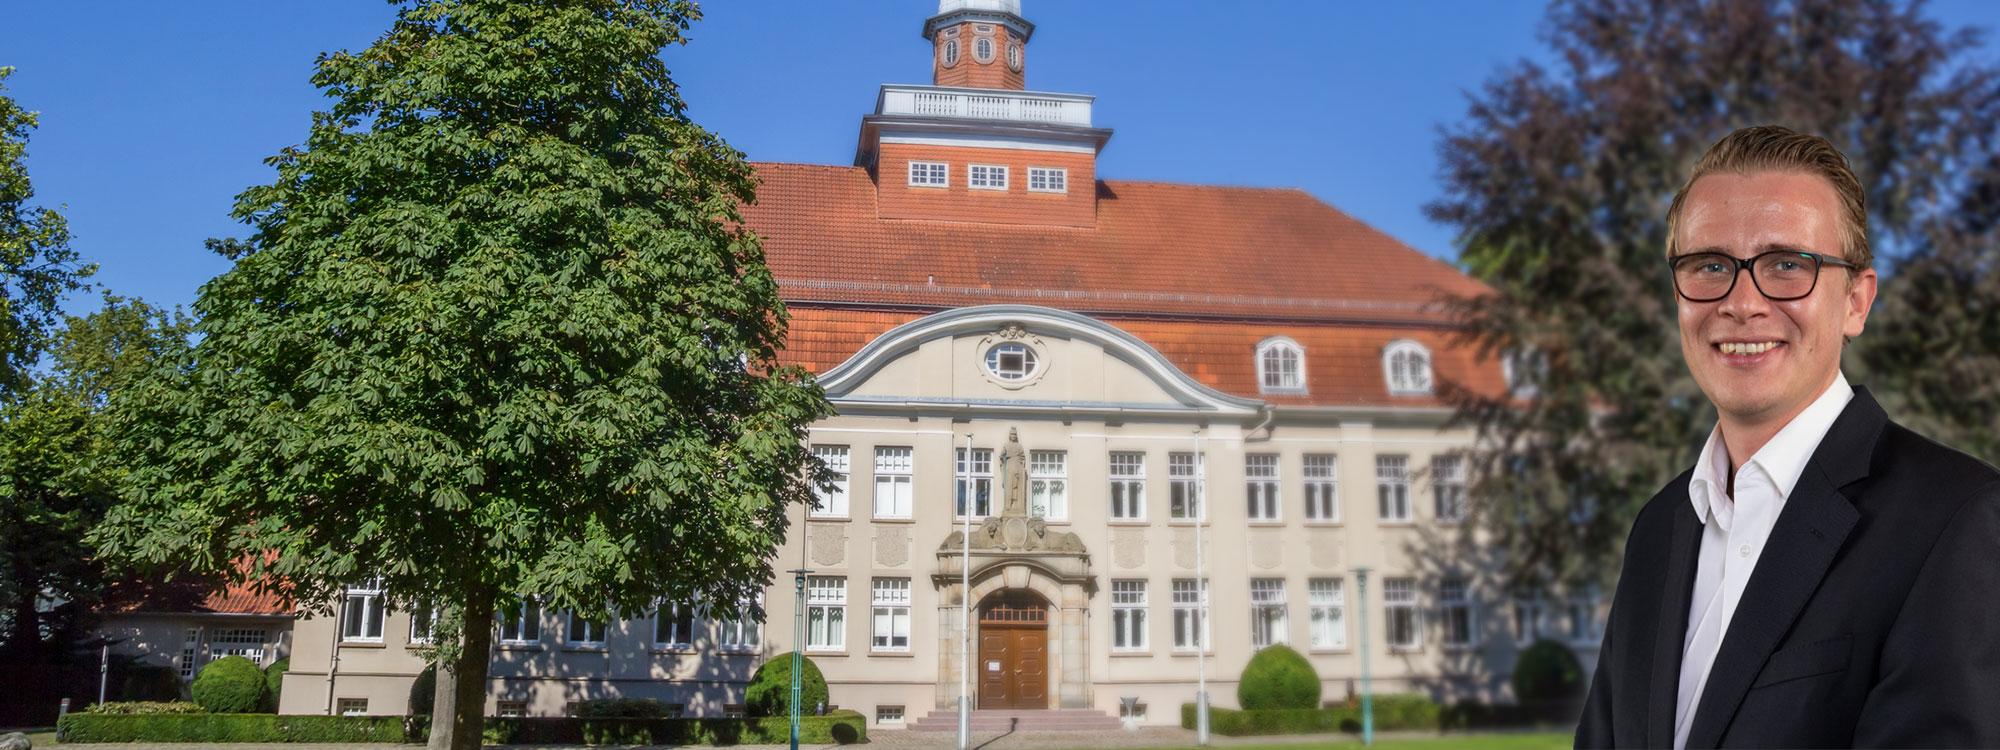 Meine Finanzkanzlei GmbH